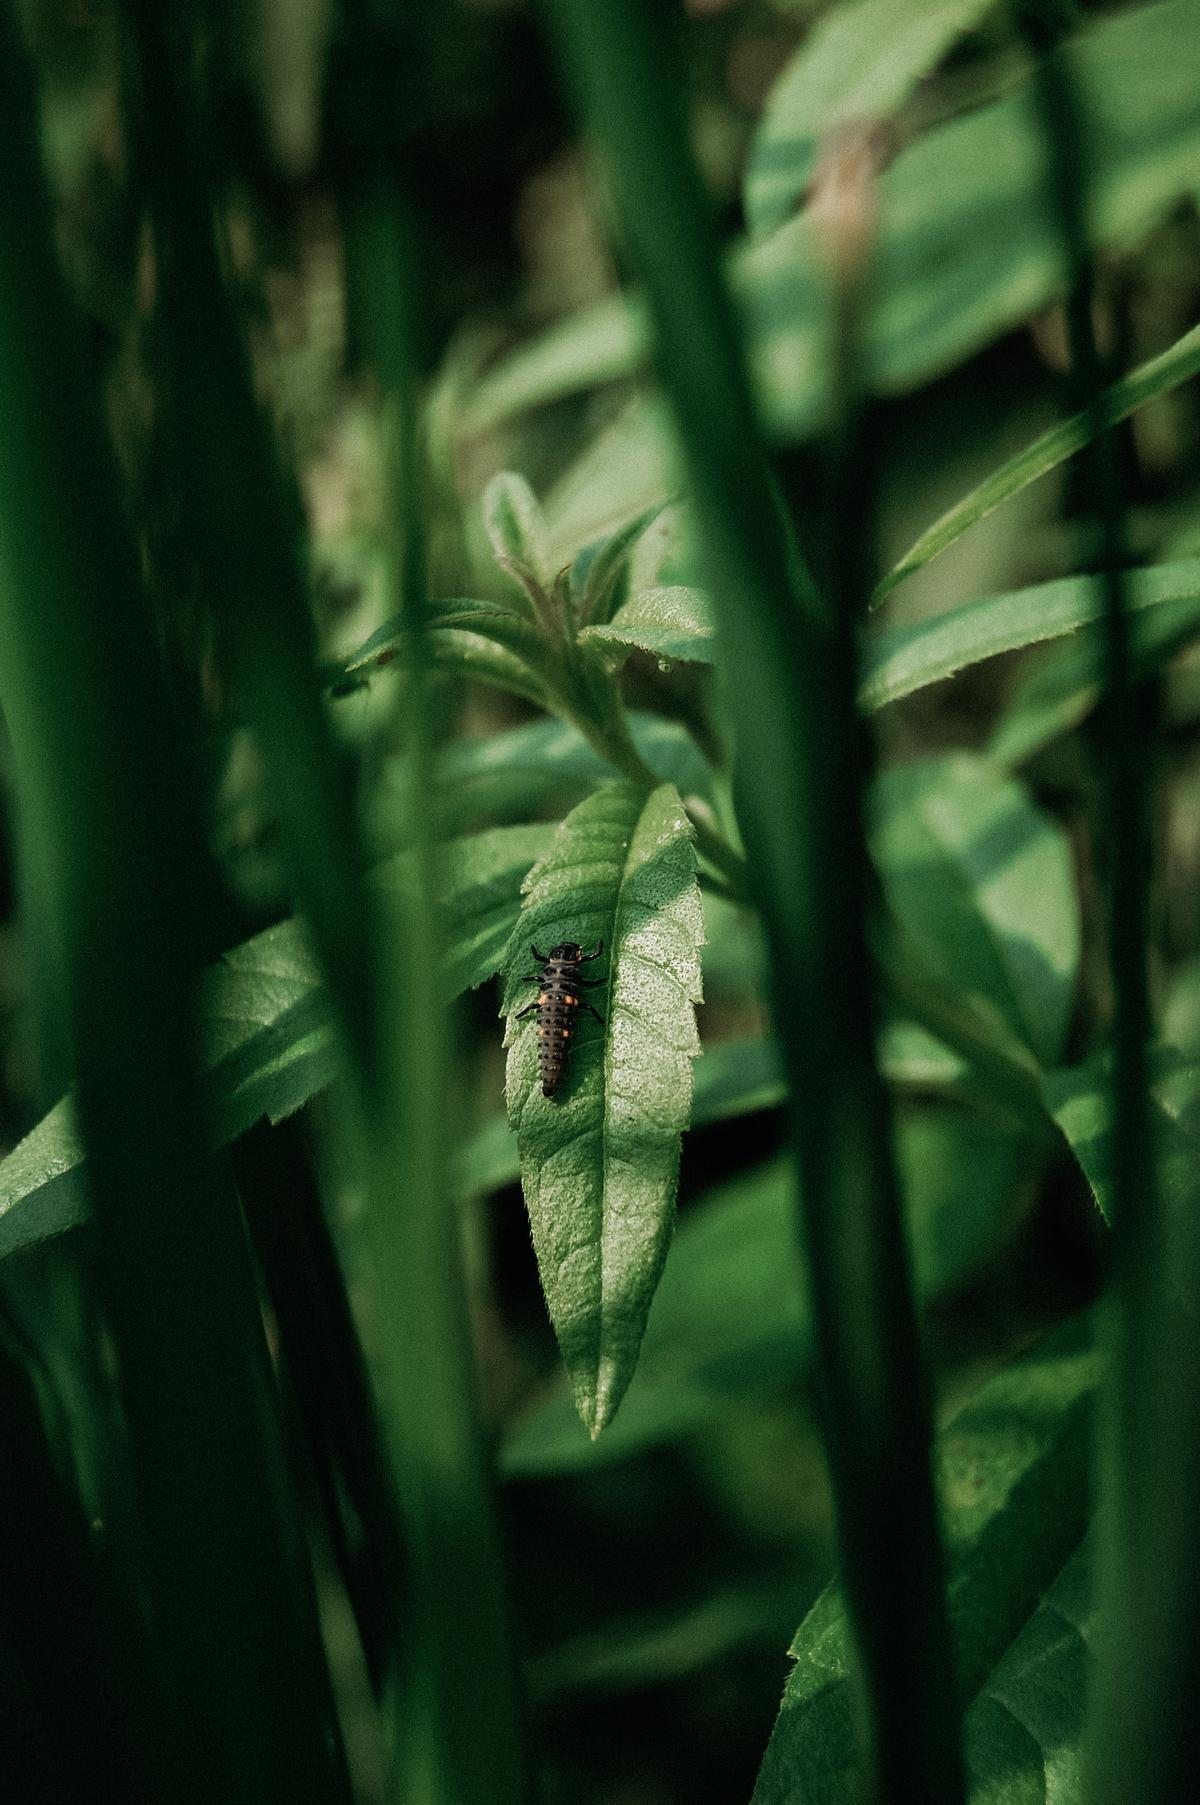 Krijg je de kriebel van beestjes? Weet dan dat ze gratis voor jou werken! Dit is de larve van een lieveheersbeestje, de bladluisbestrijders bij uitstek! (foto Angelo Dorny)